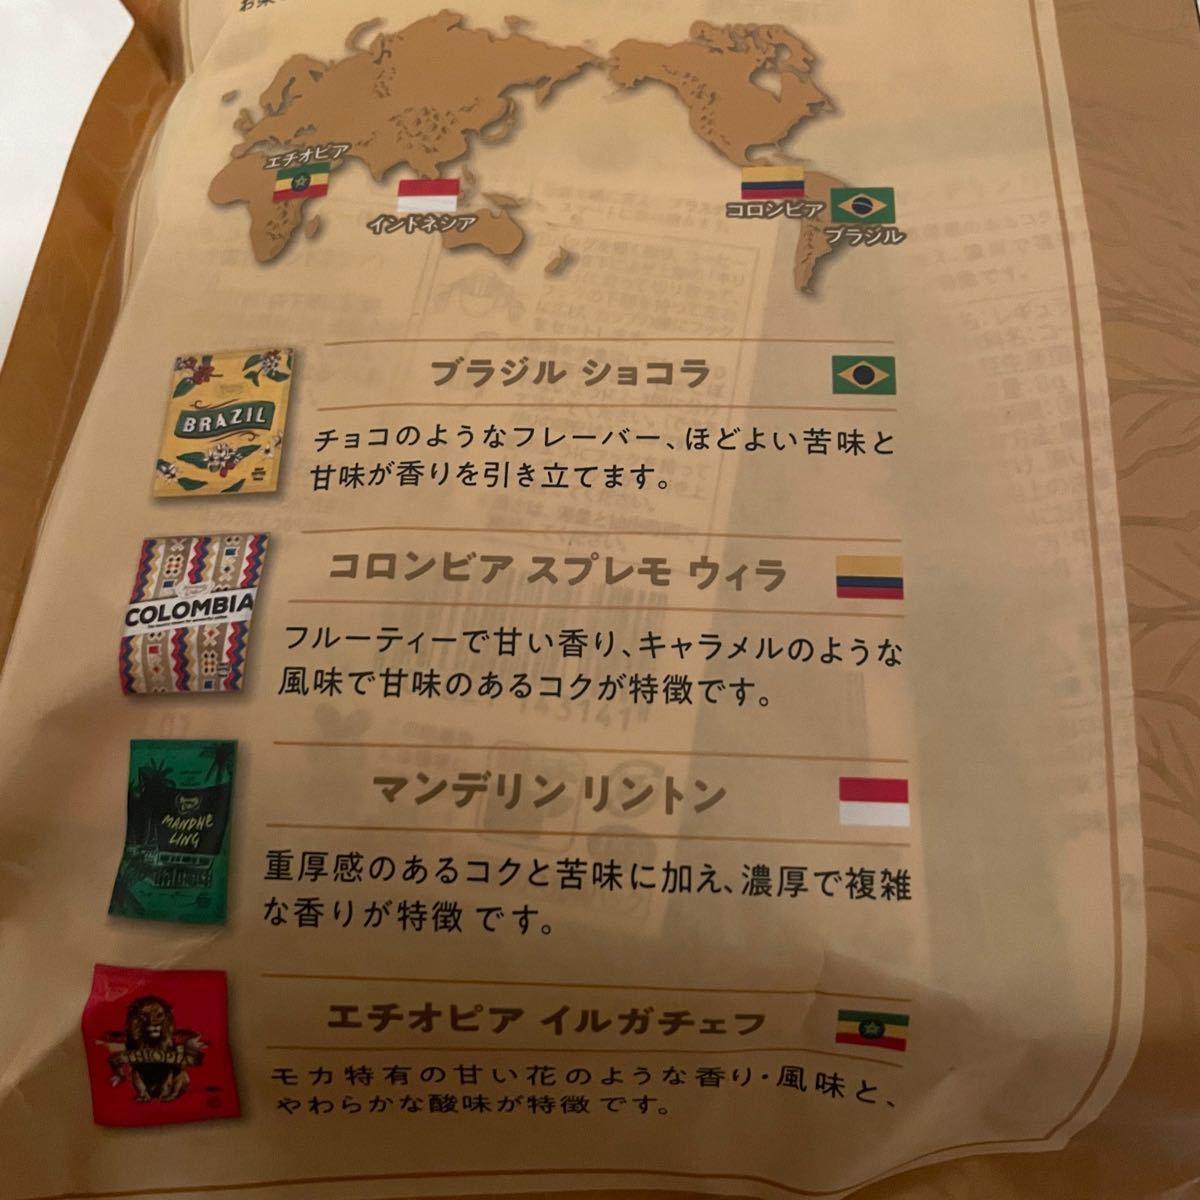 ドリップコーヒーバラエティパック 25袋